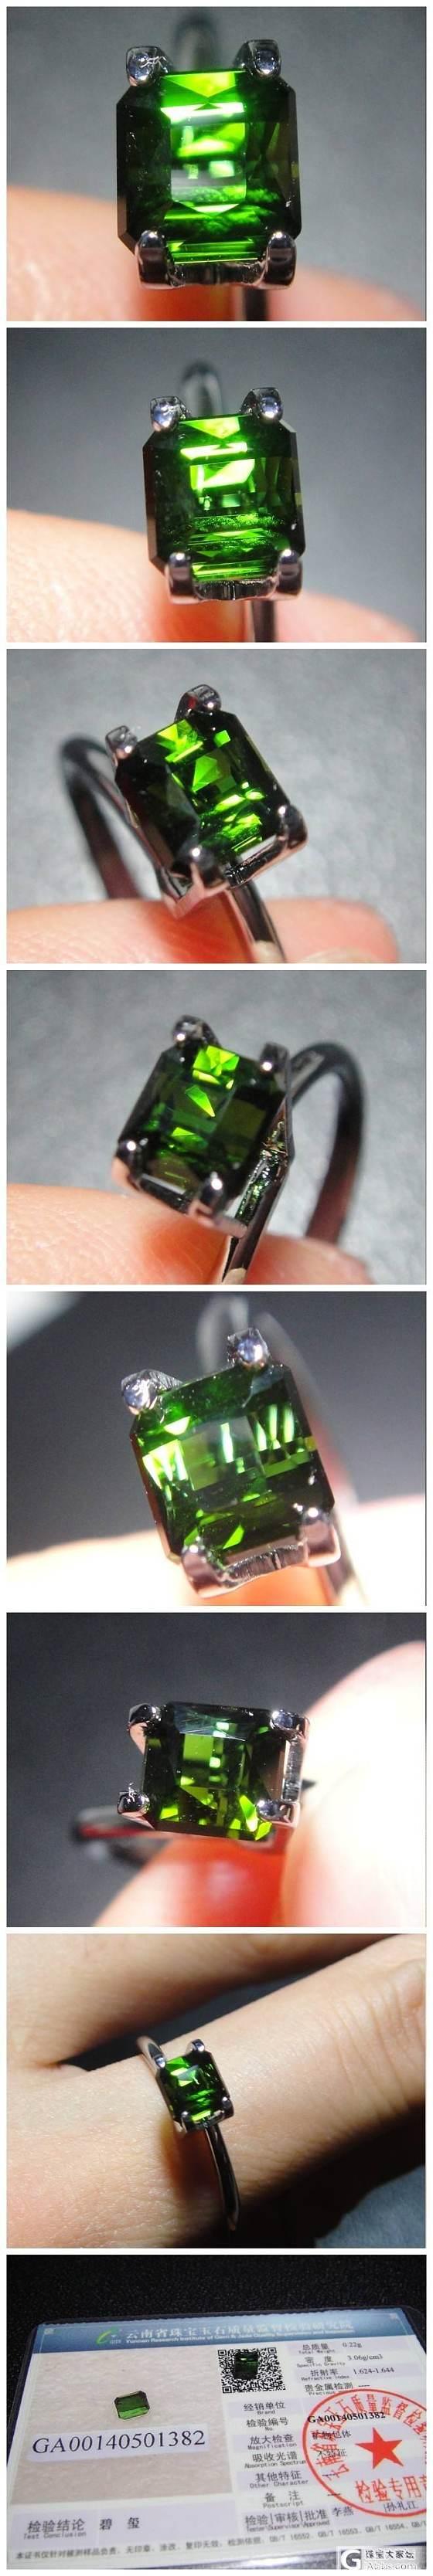 两个极品绿色碧玺,这年头找这样的成色不容易了!_宝石